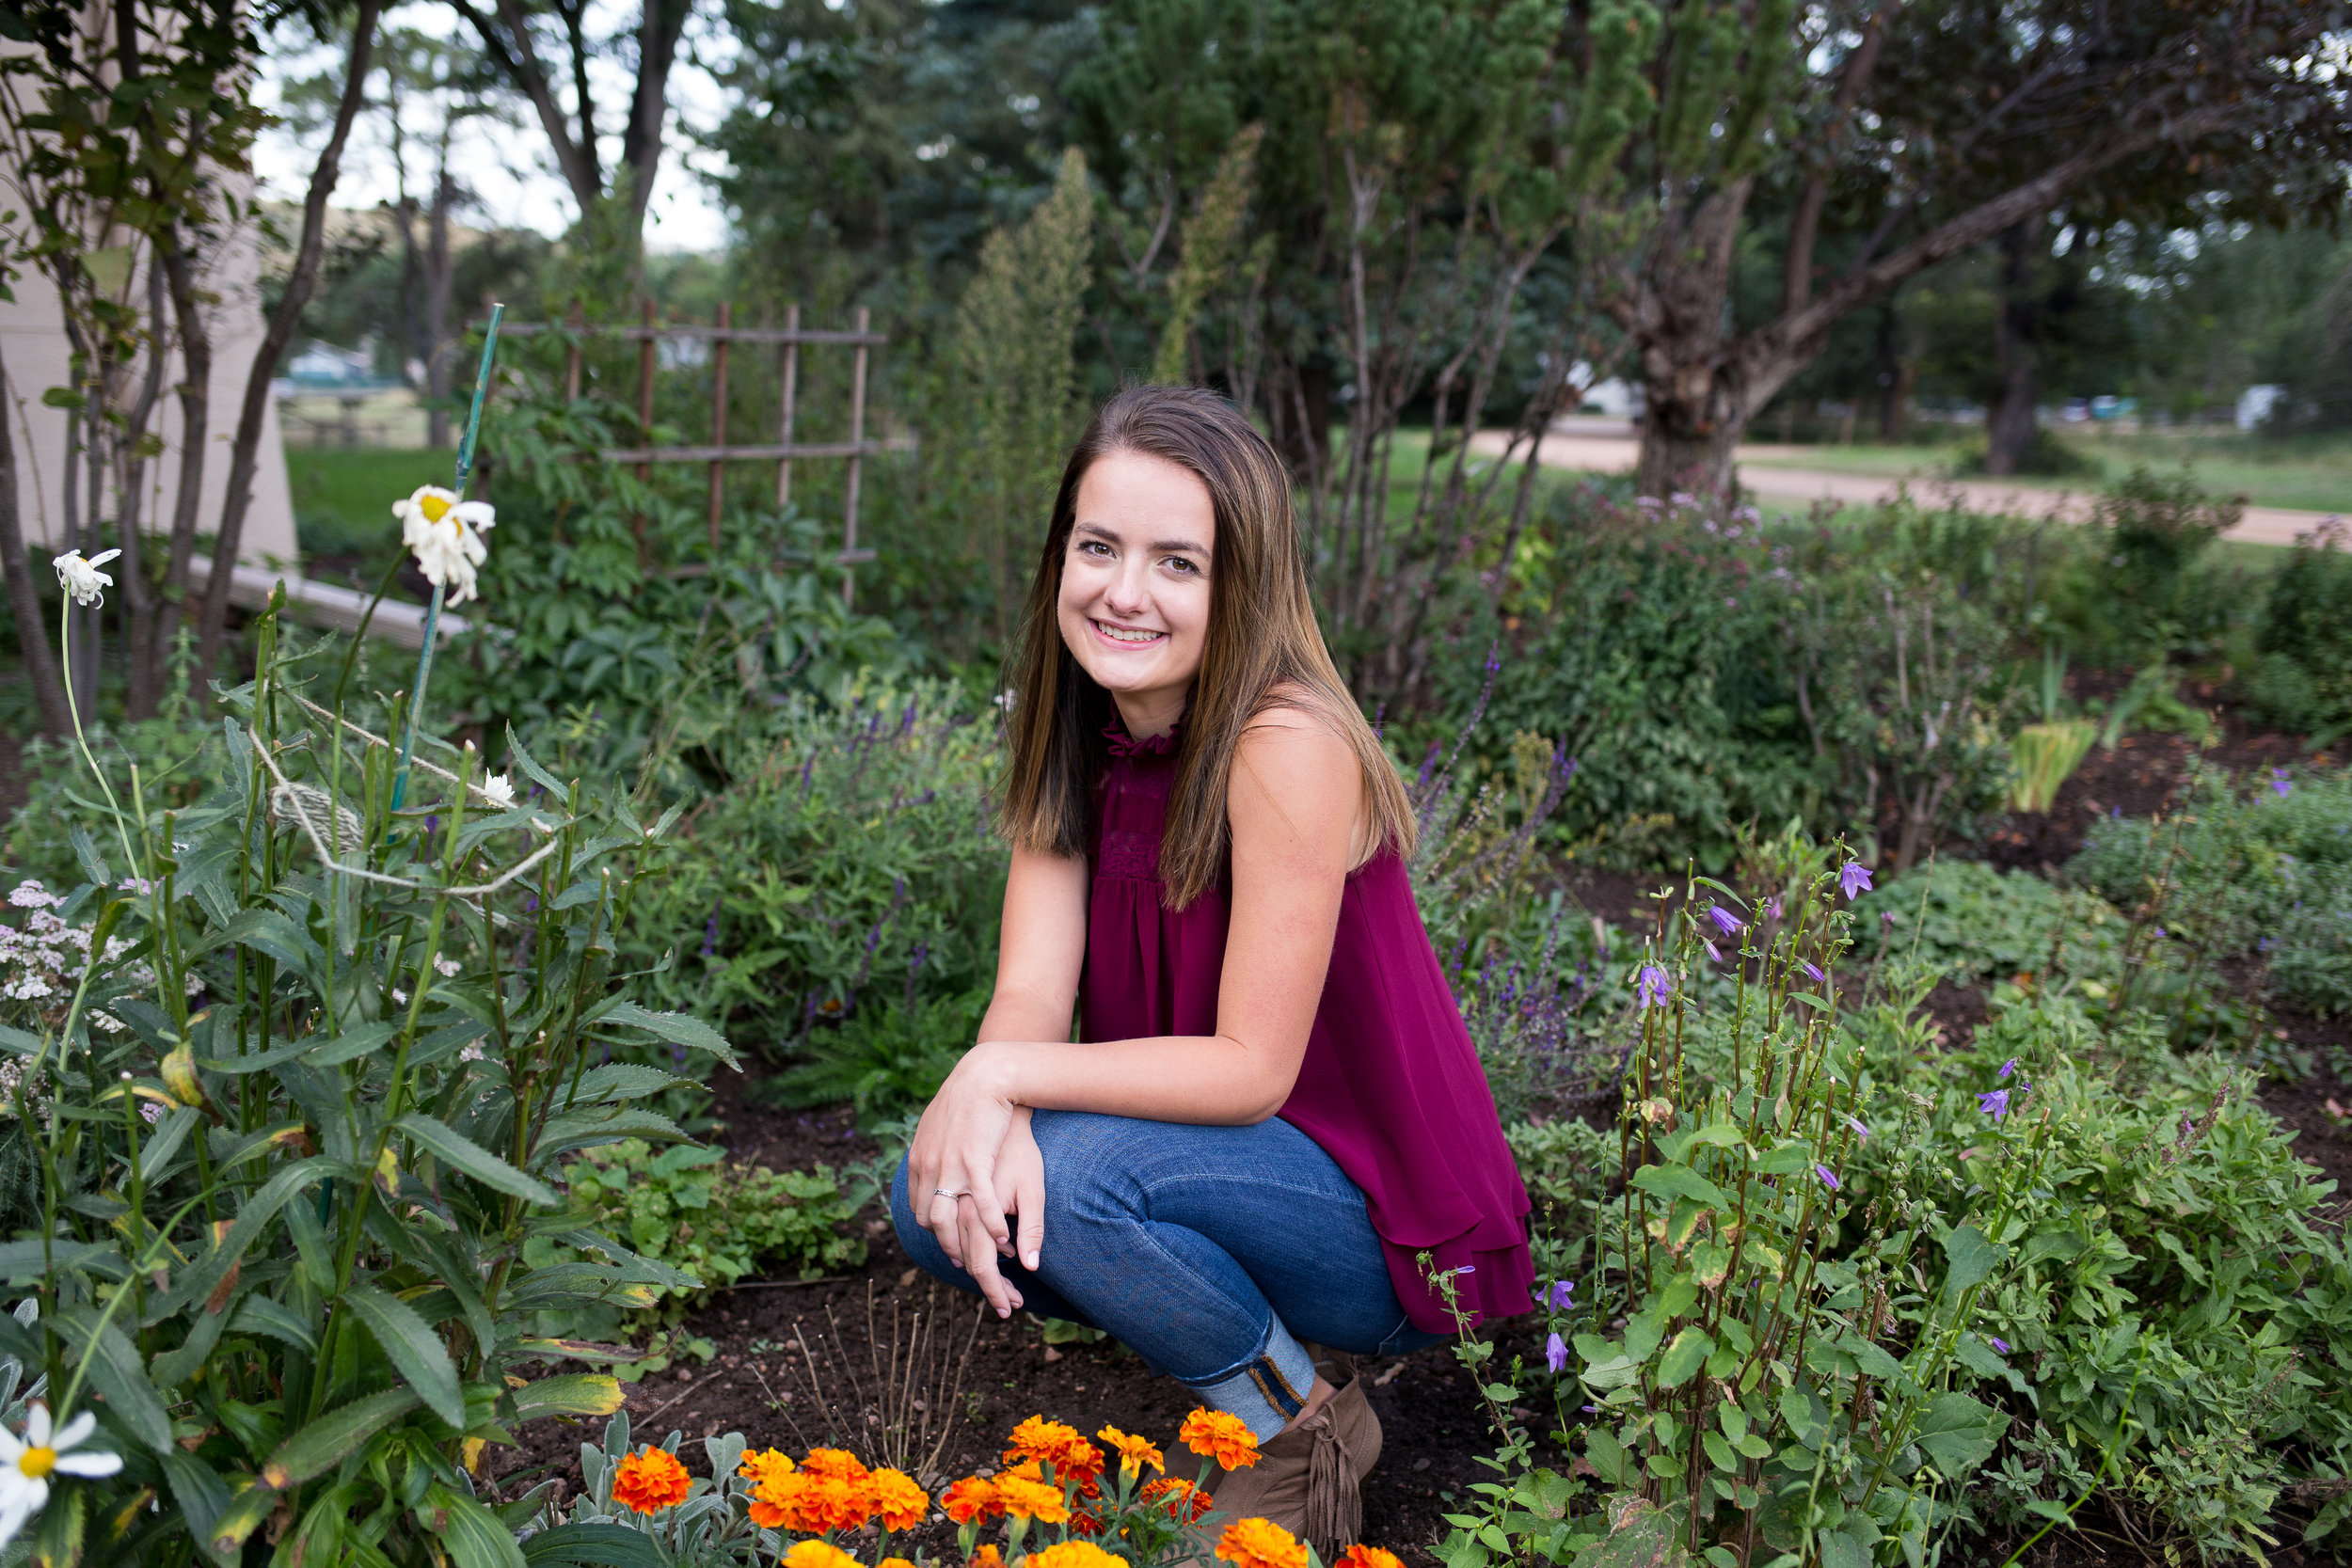 Stacy Carosa Photography | Colorado Springs Senior Photographer | Rock Ledge Ranch Senior Photos in Colorado Springs